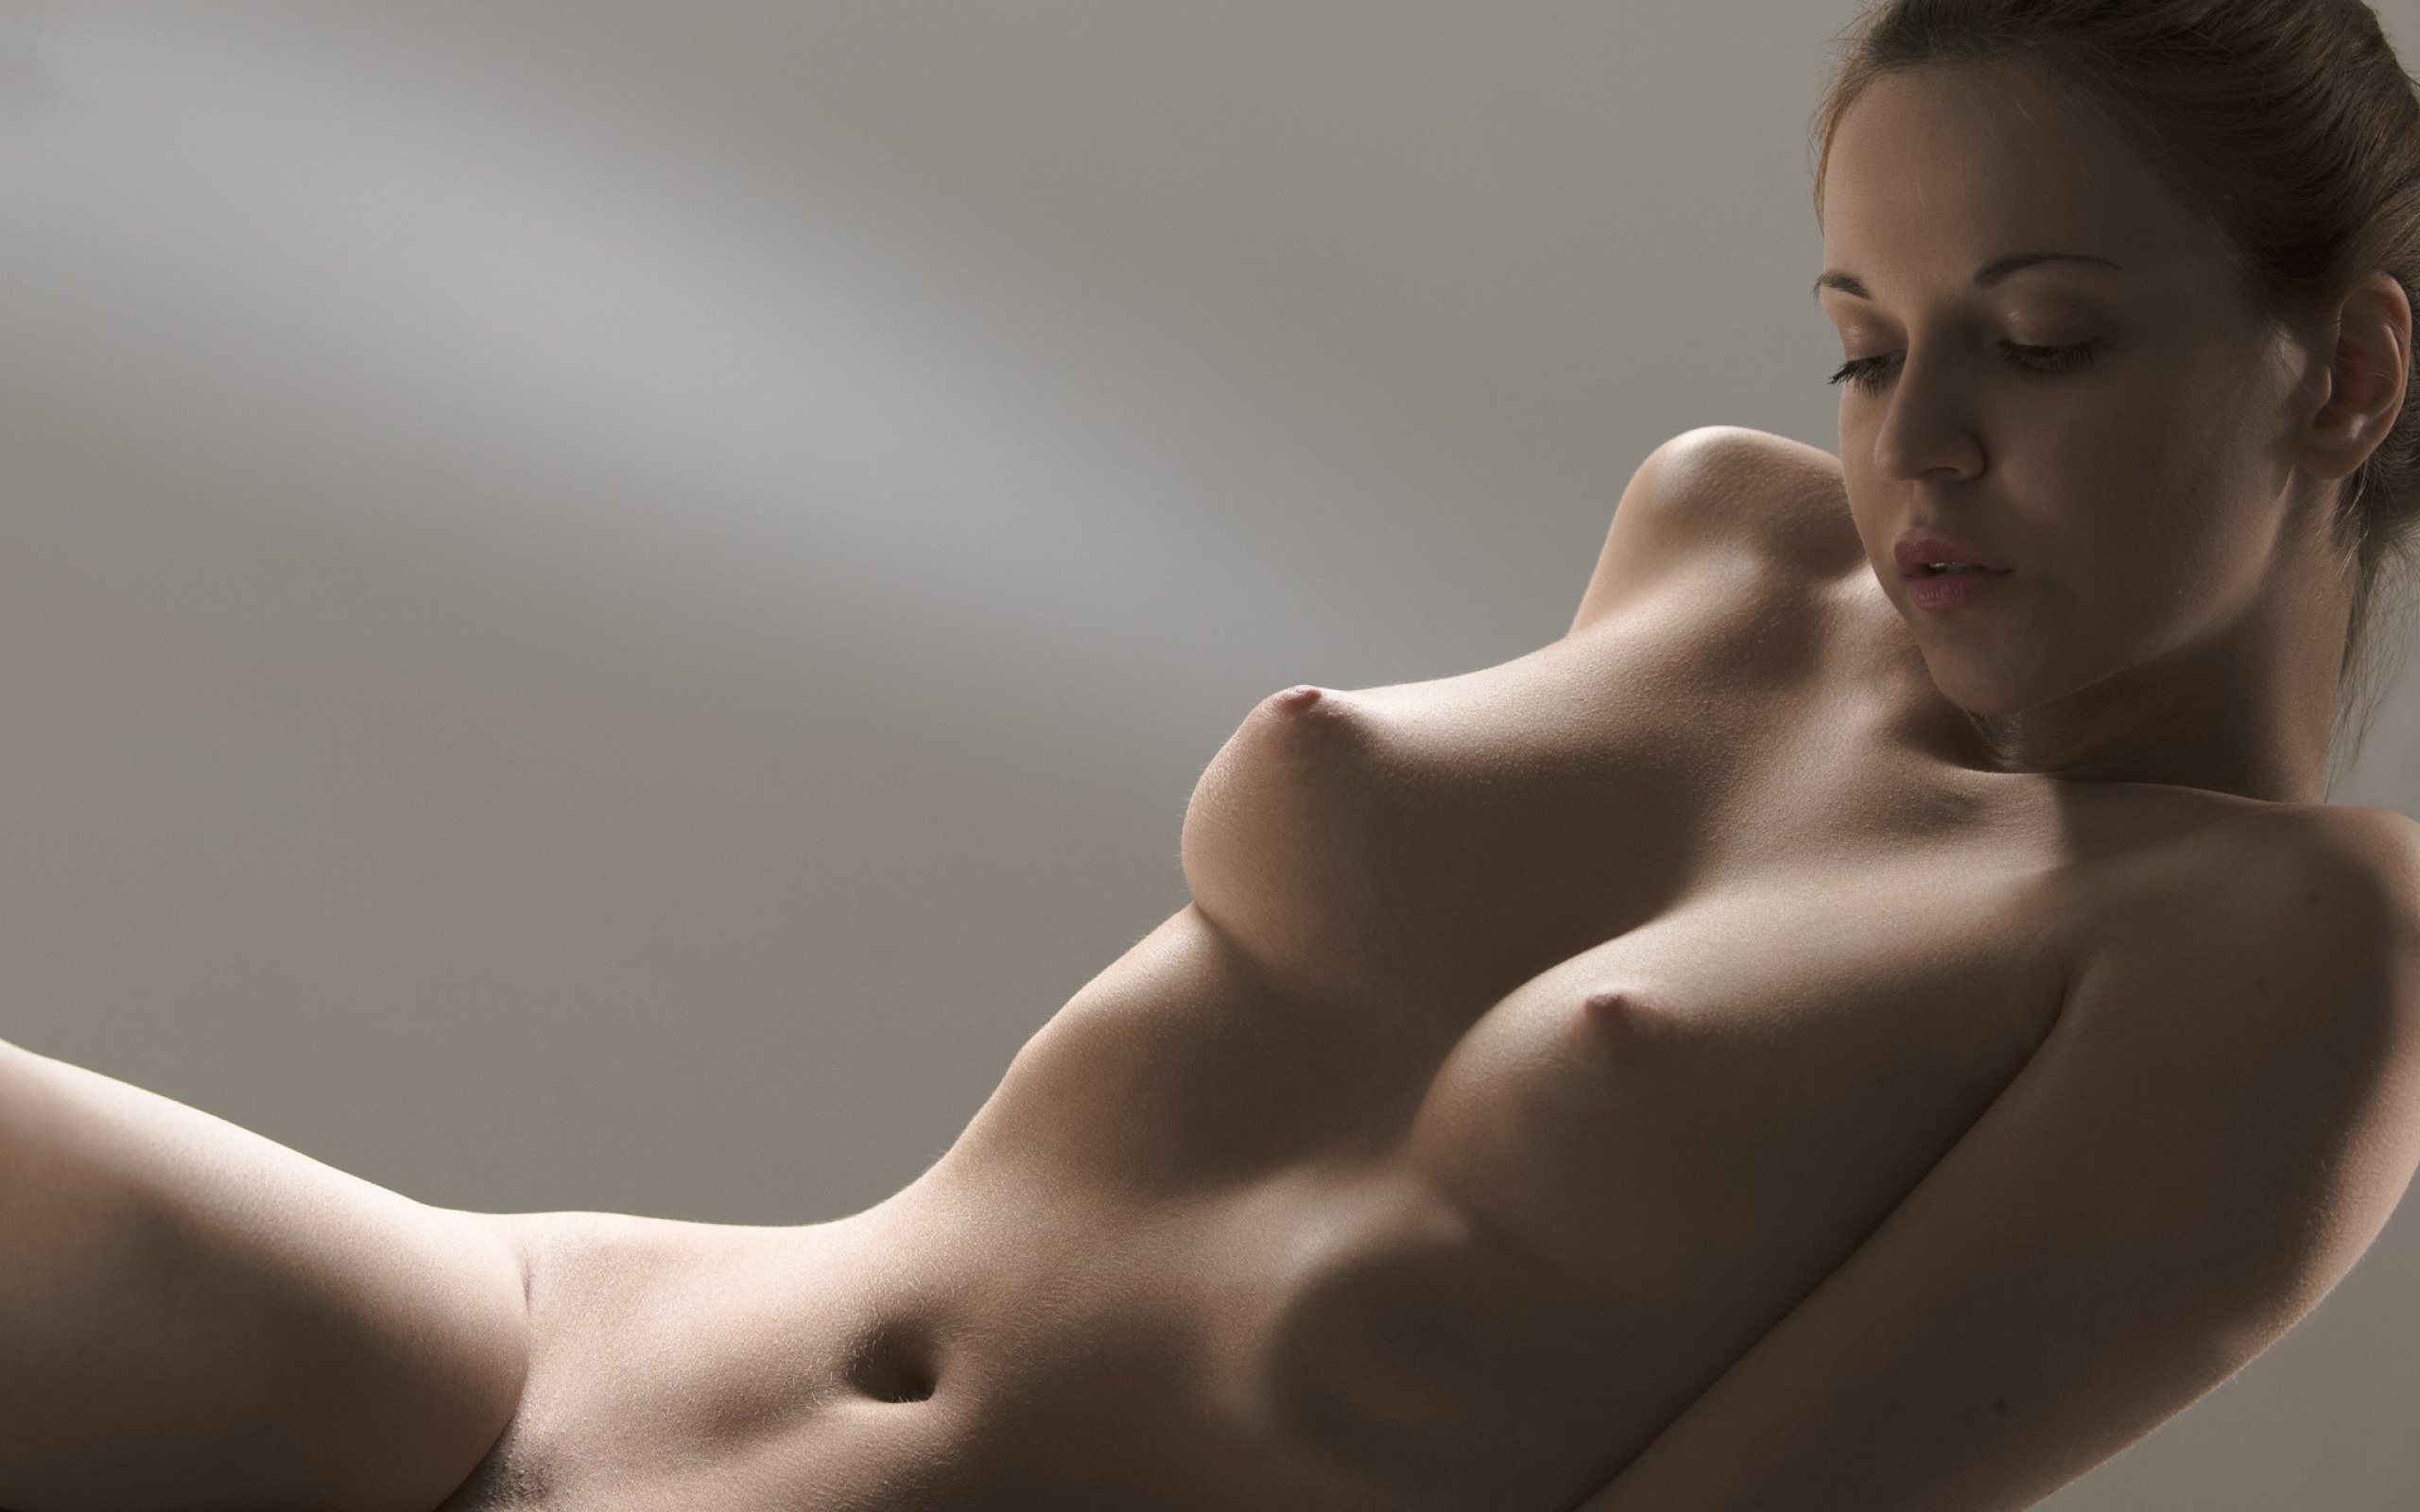 Голое тело женщины грудь